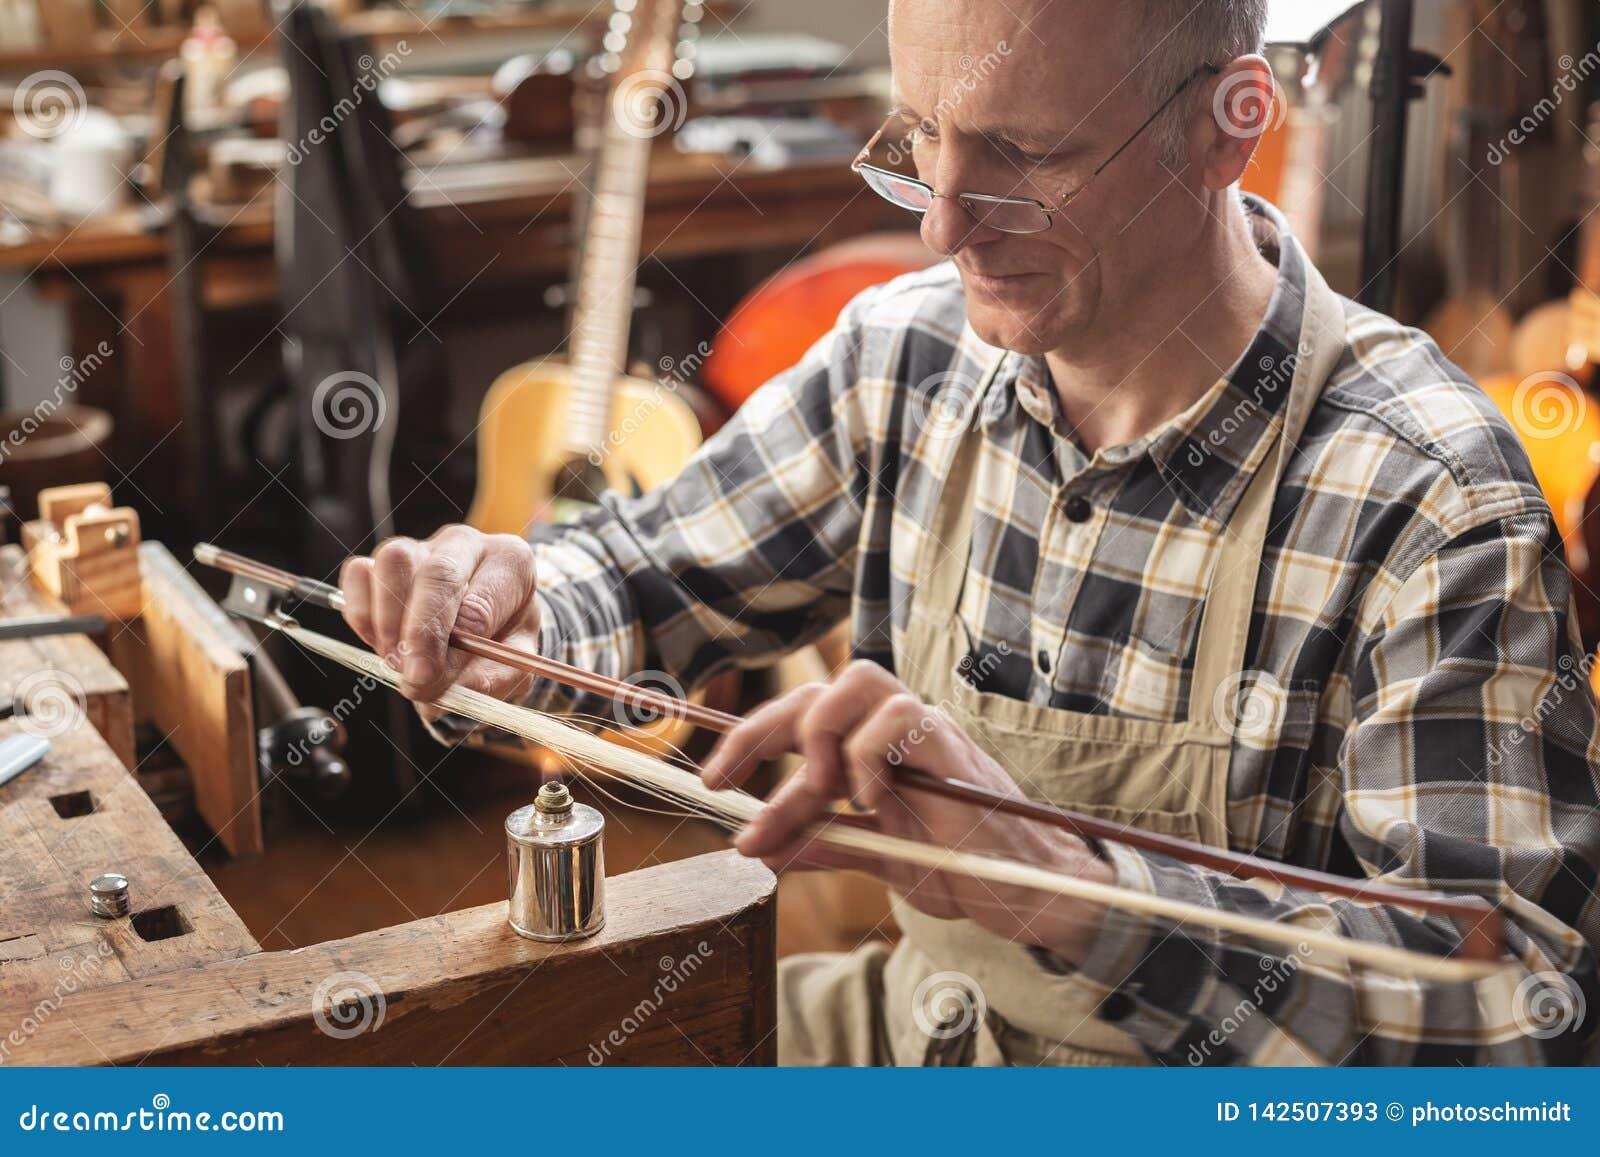 Зрелый создатель аппаратуры внутри деревенской мастерской умело нагревает волосы смычка скрипки для того чтобы отрегулировать сво